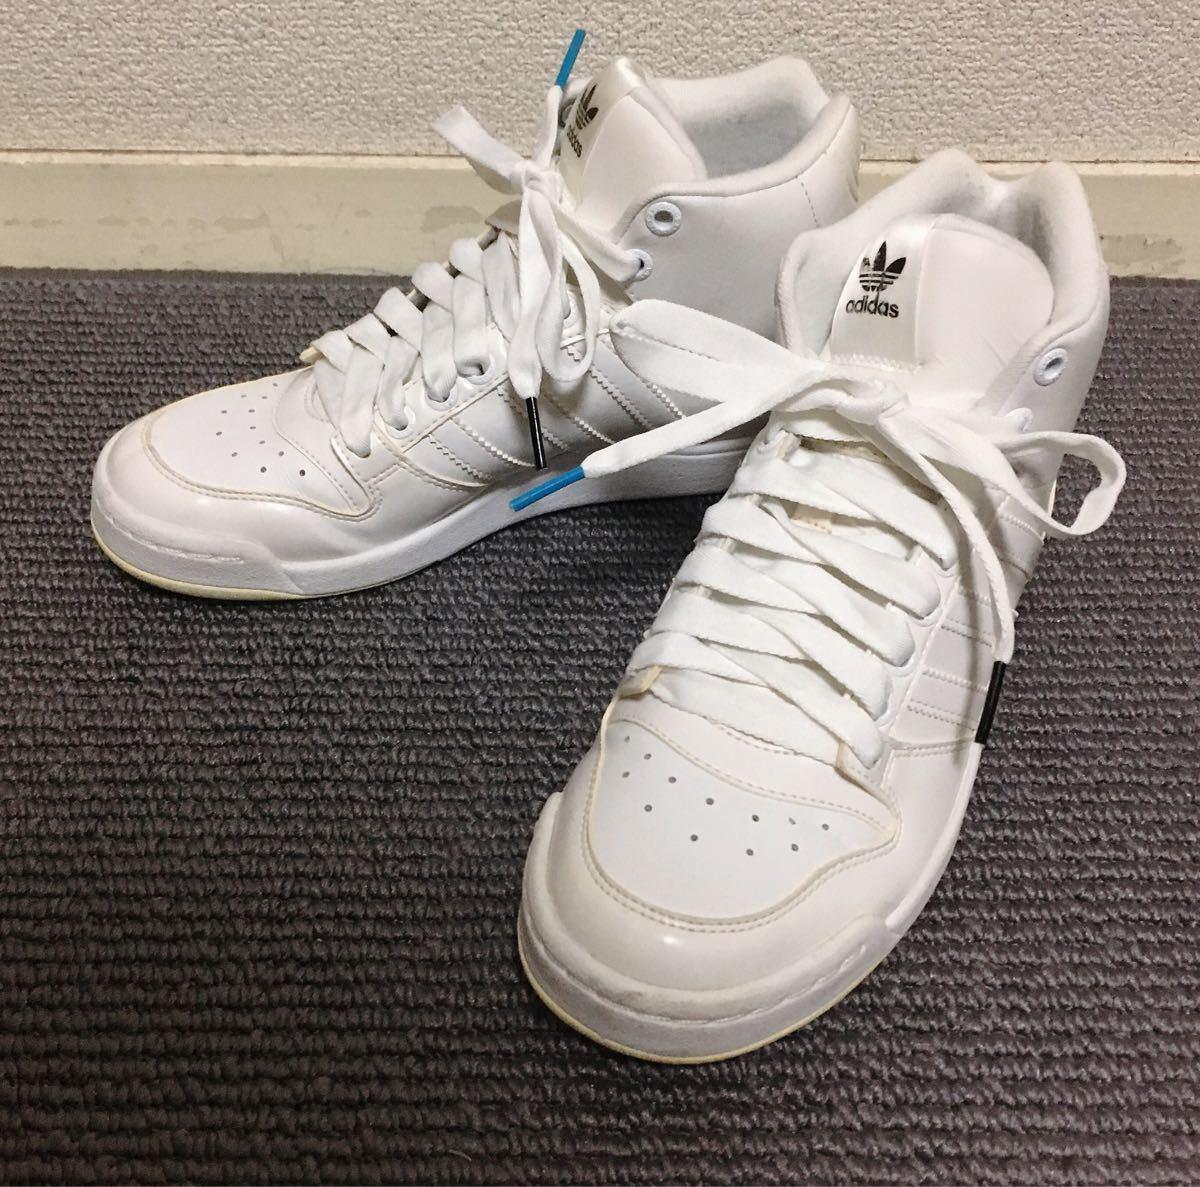 【極美品】adidas ハイカットスニーカー 白 23.5 アディダス_画像3